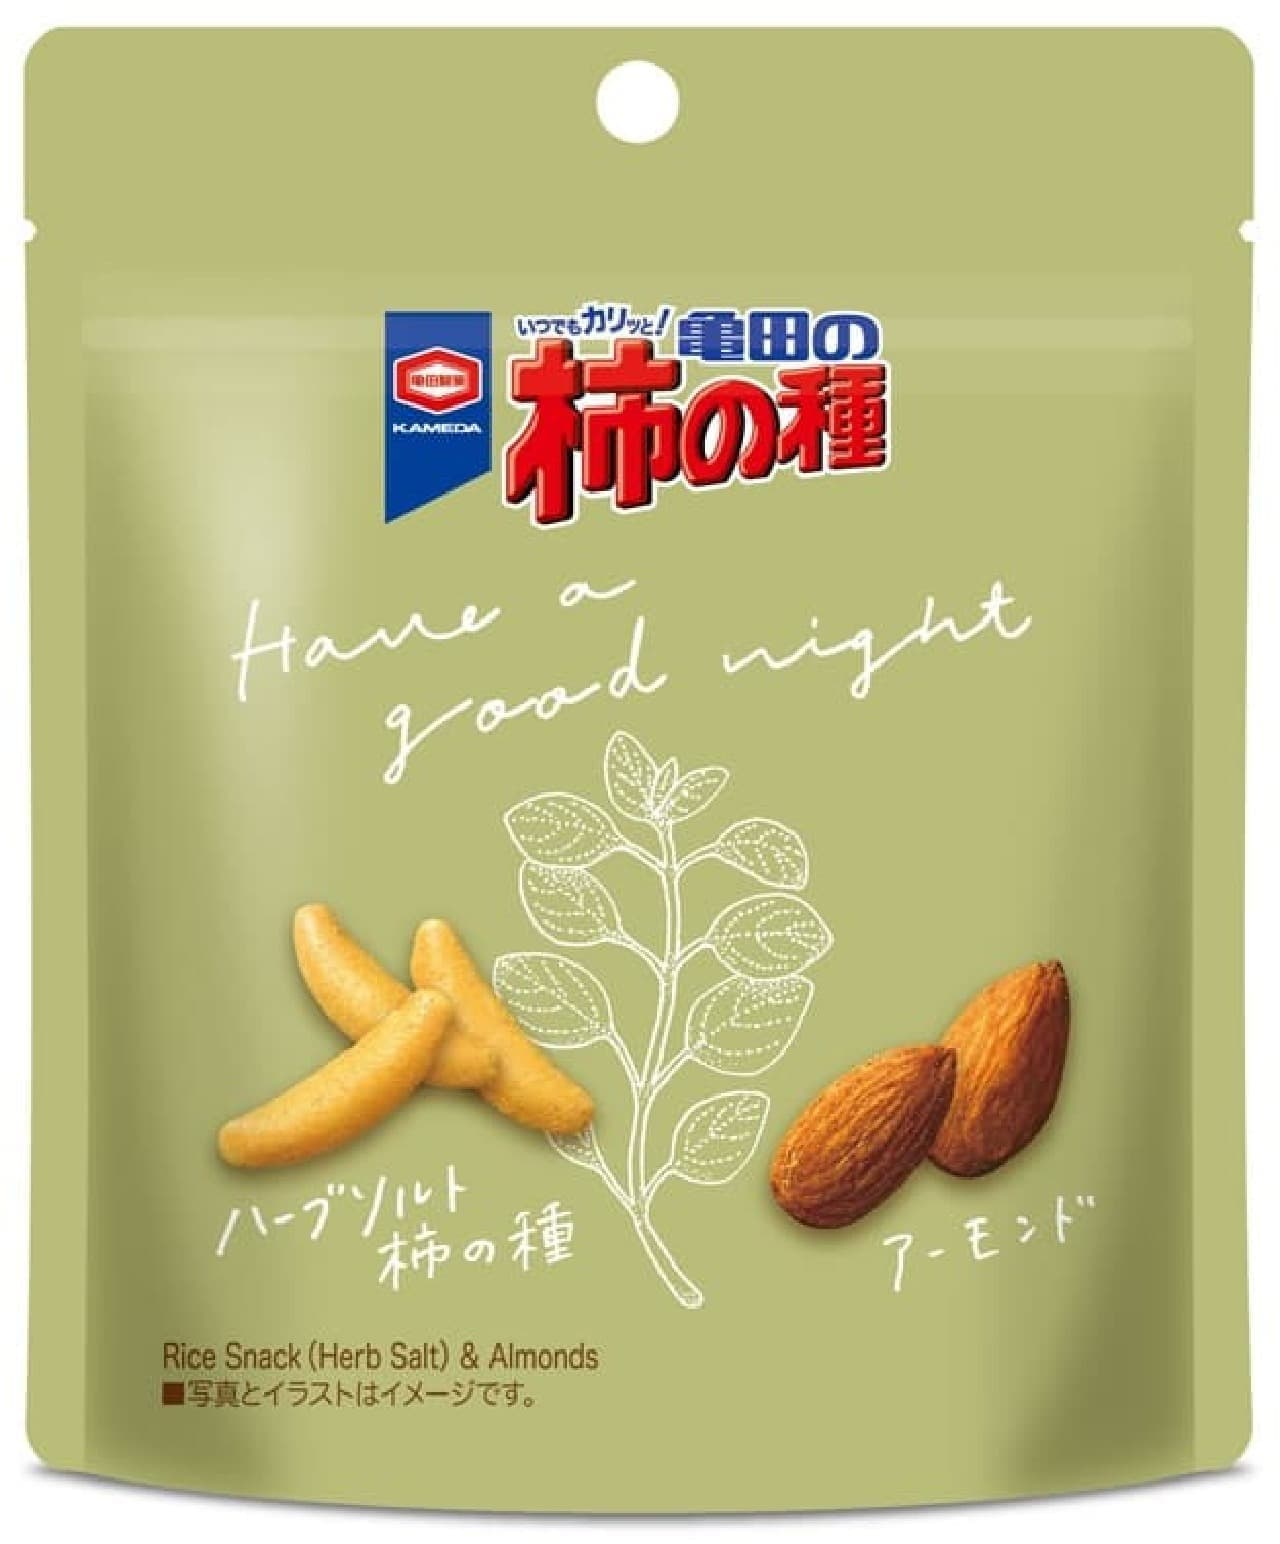 セブン-イレブン「40g 亀田の柿の種 ハーブソルト&アーモンド」